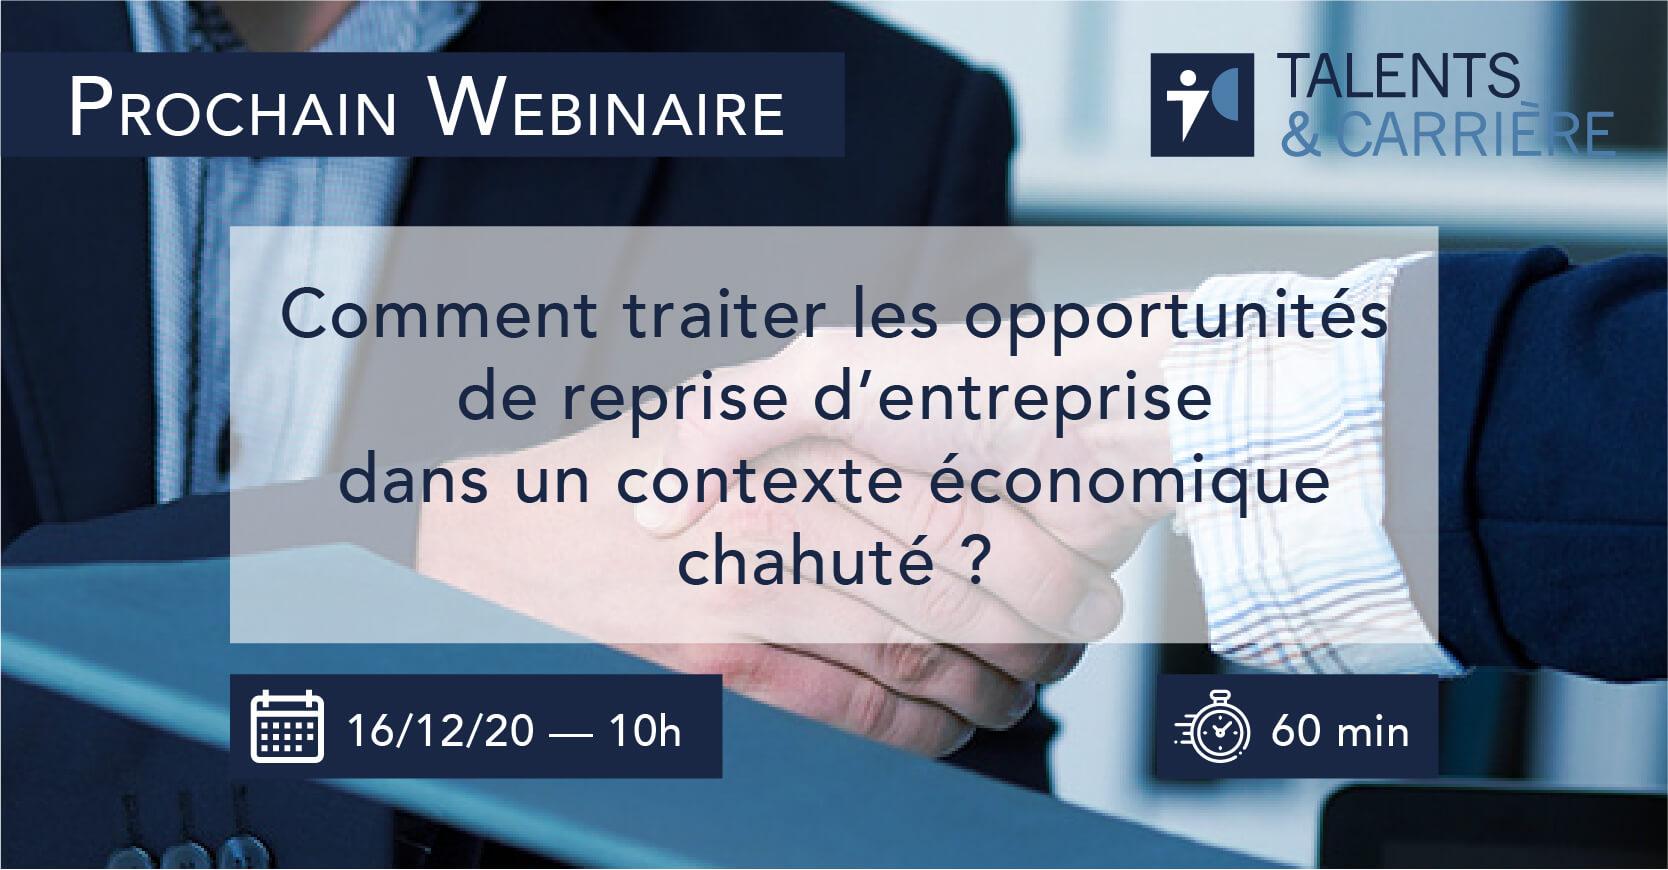 """Webinaire 16 décembre 2020 — """"Comment traiter les opportunités de reprise d'entreprise dans un contexte économique chahuté?"""""""